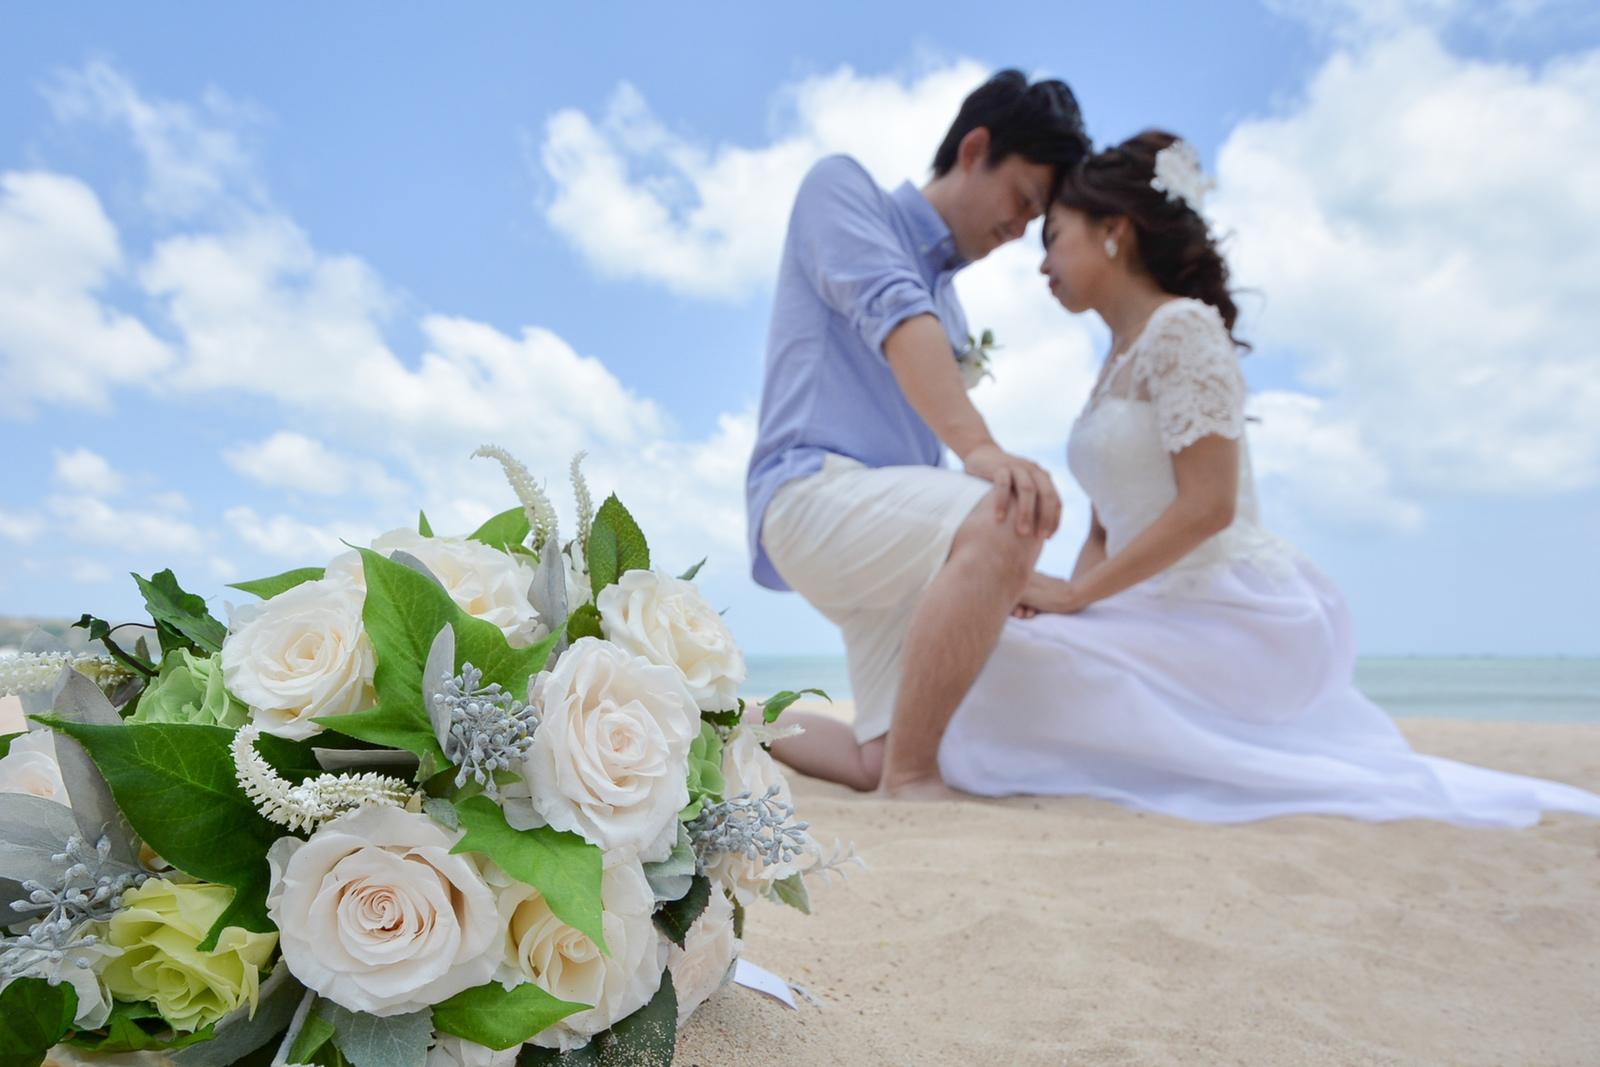 ホワイトローズの造花